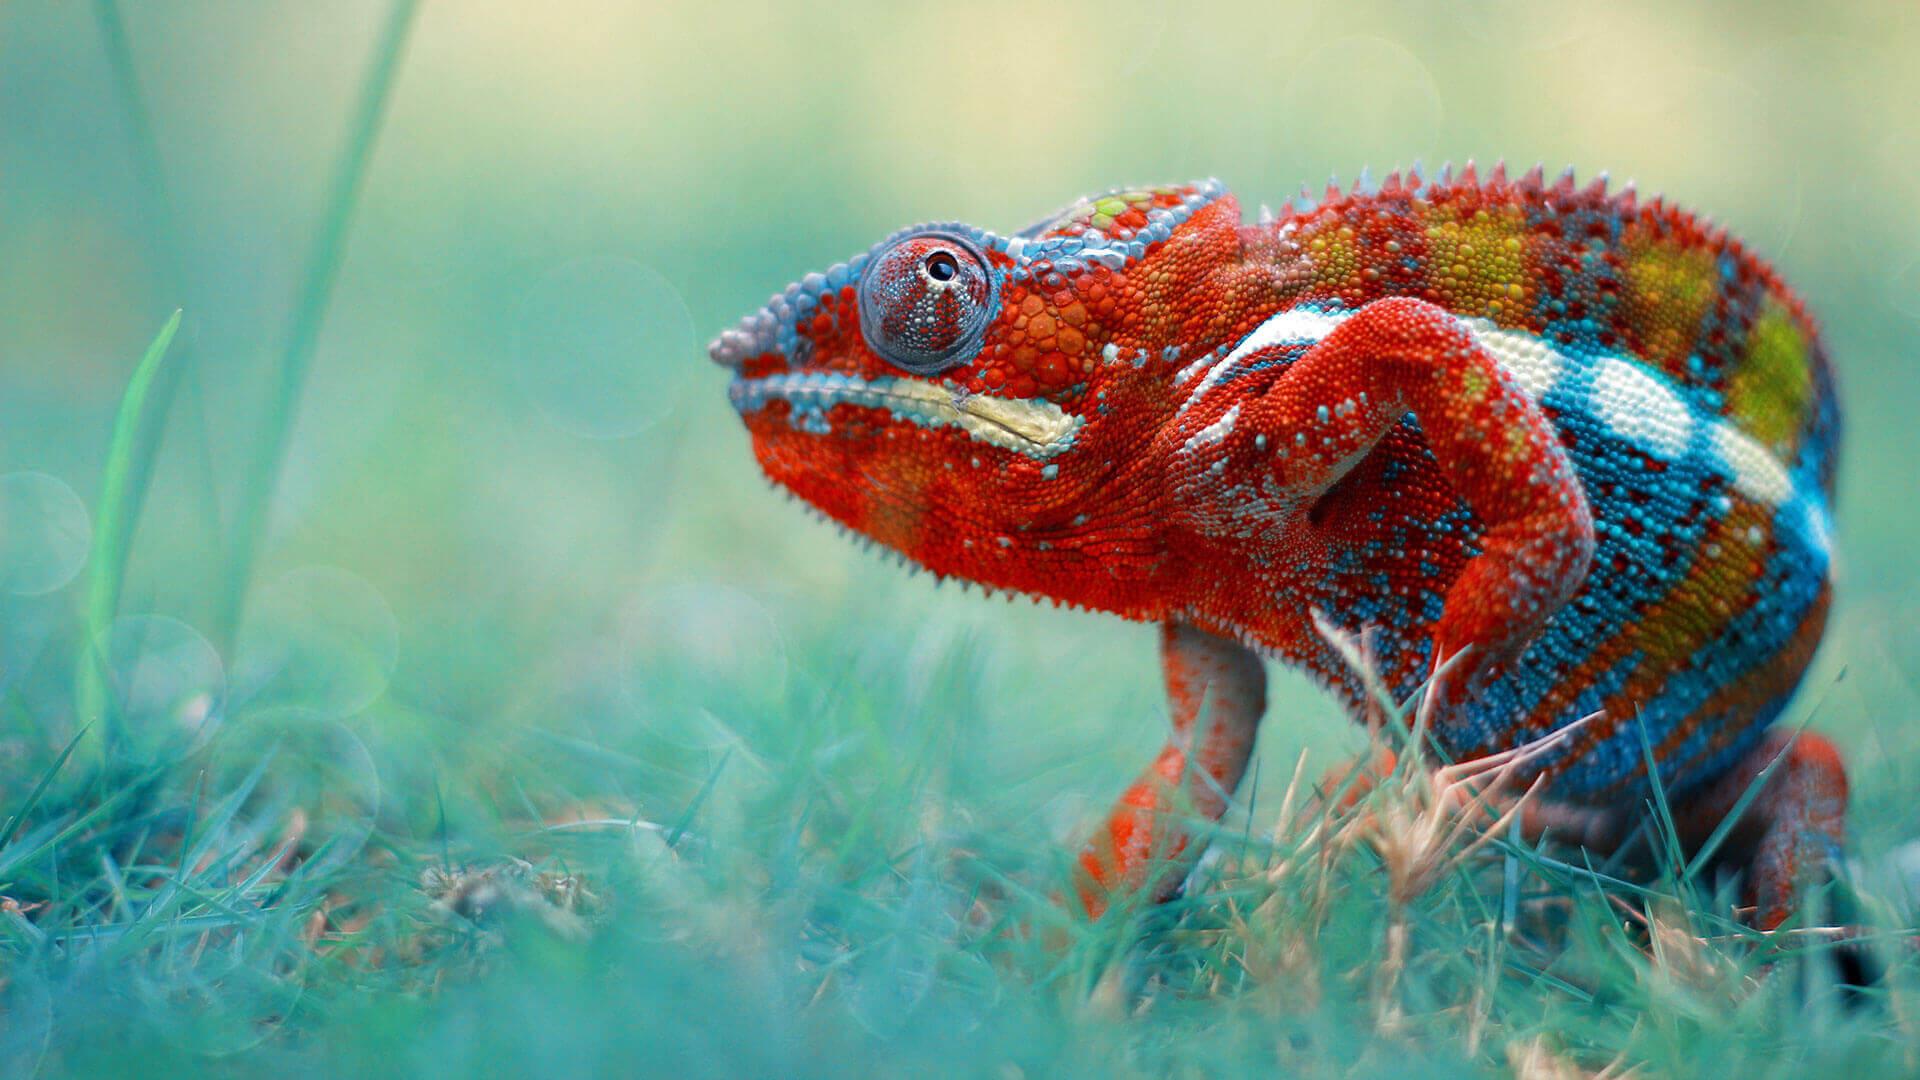 5 Care Tips for Chameleons